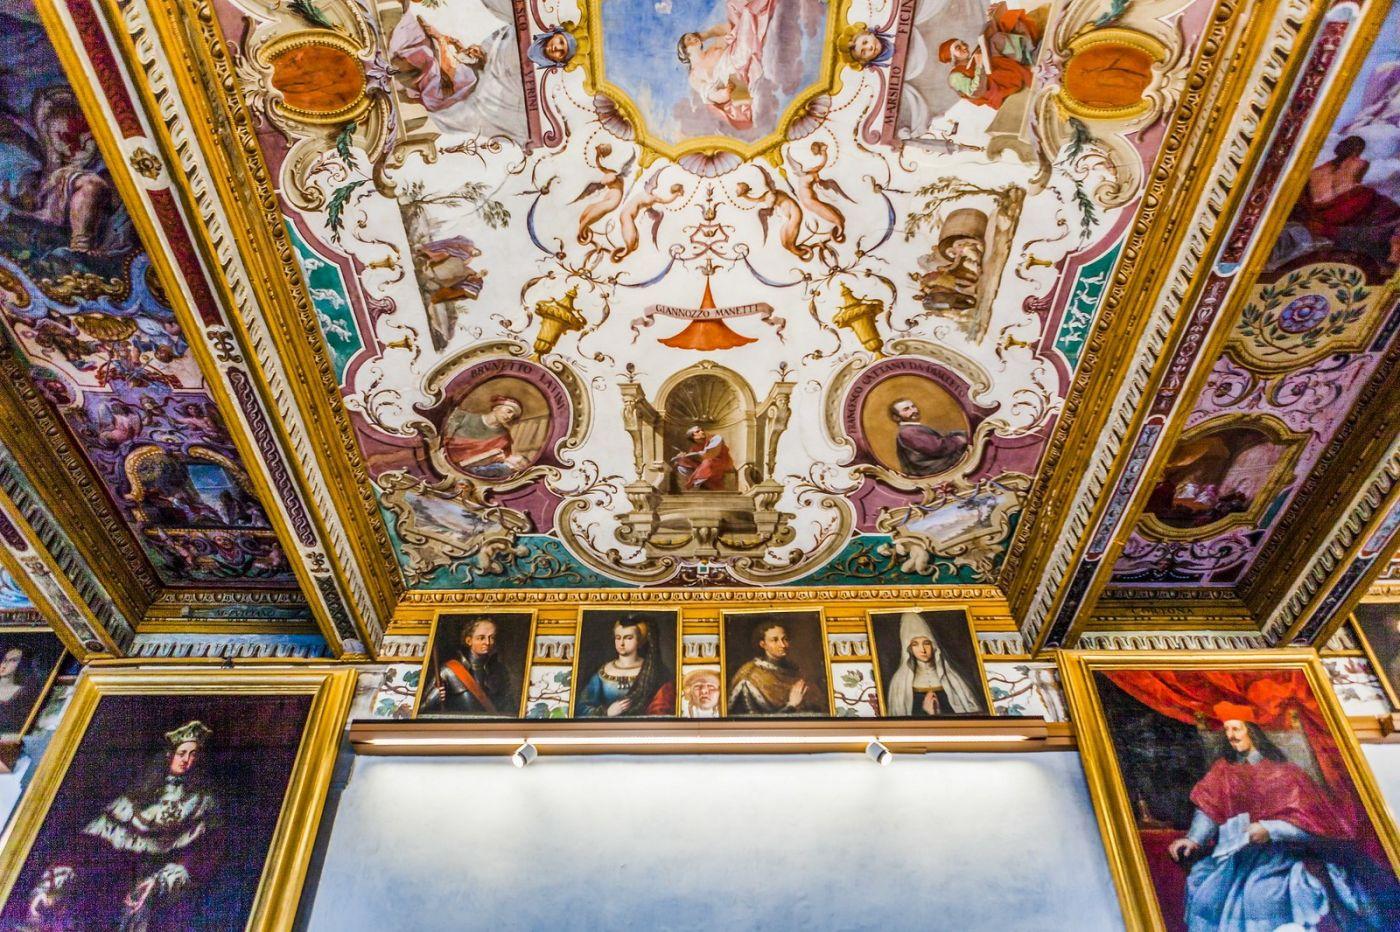 意大利佛罗伦斯乌菲兹美术馆, 藏品大展_图1-15